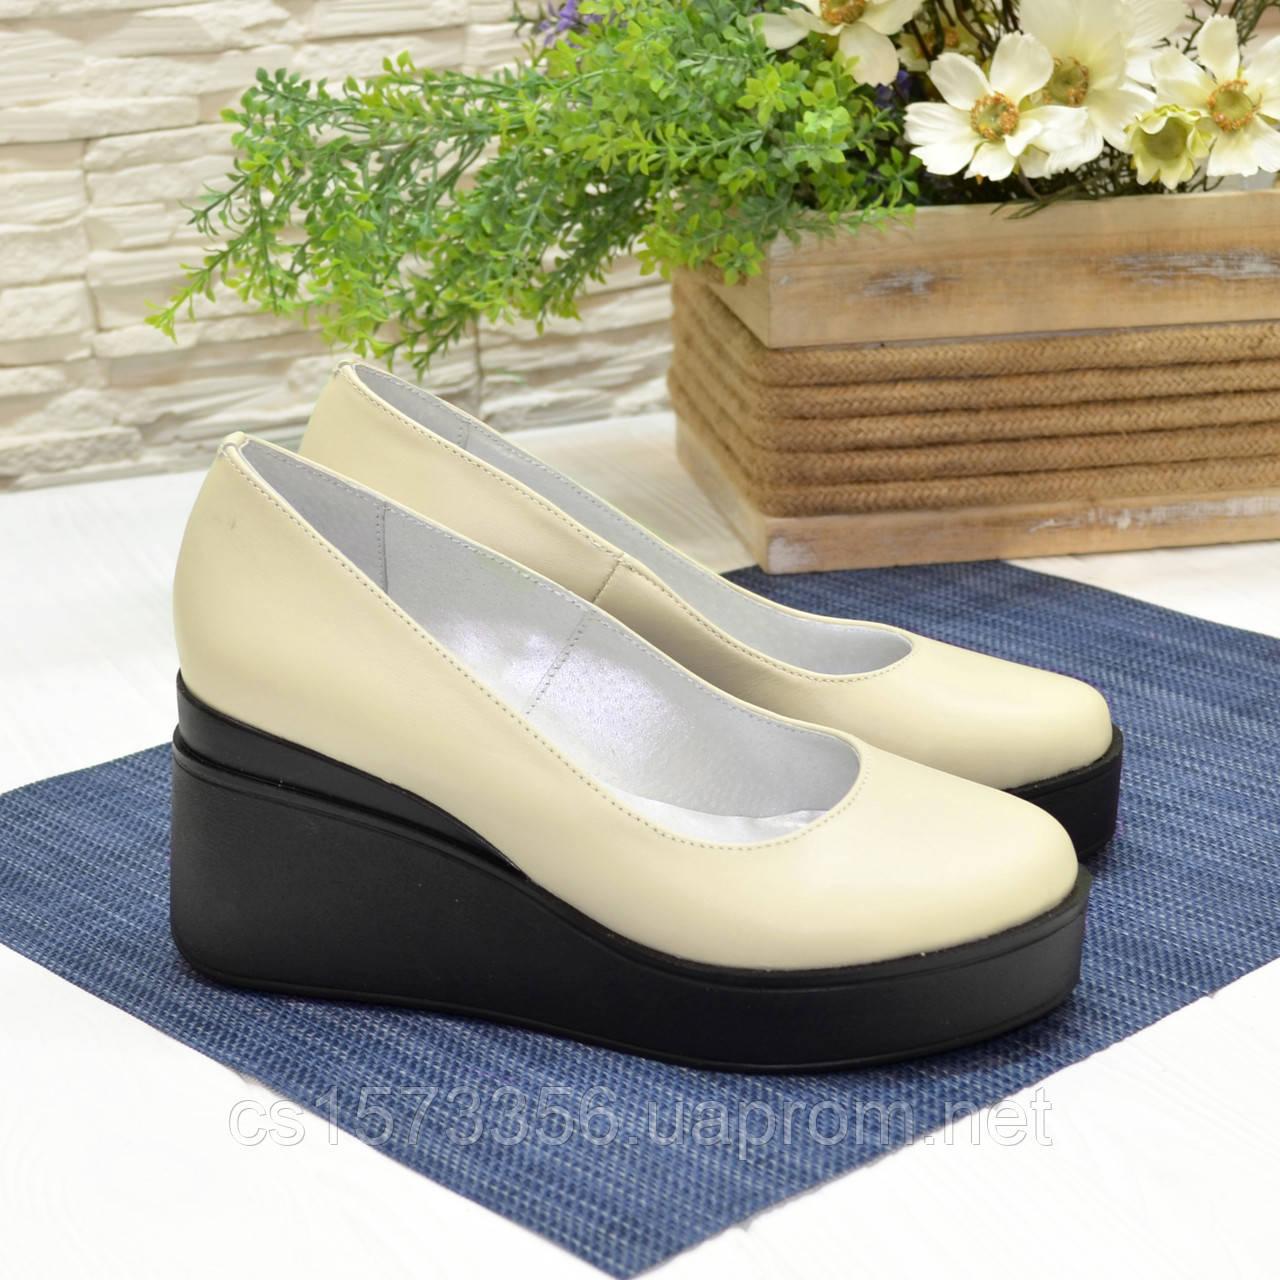 Женские кожаные туфли на устойчивой платформе, цвет бежевый